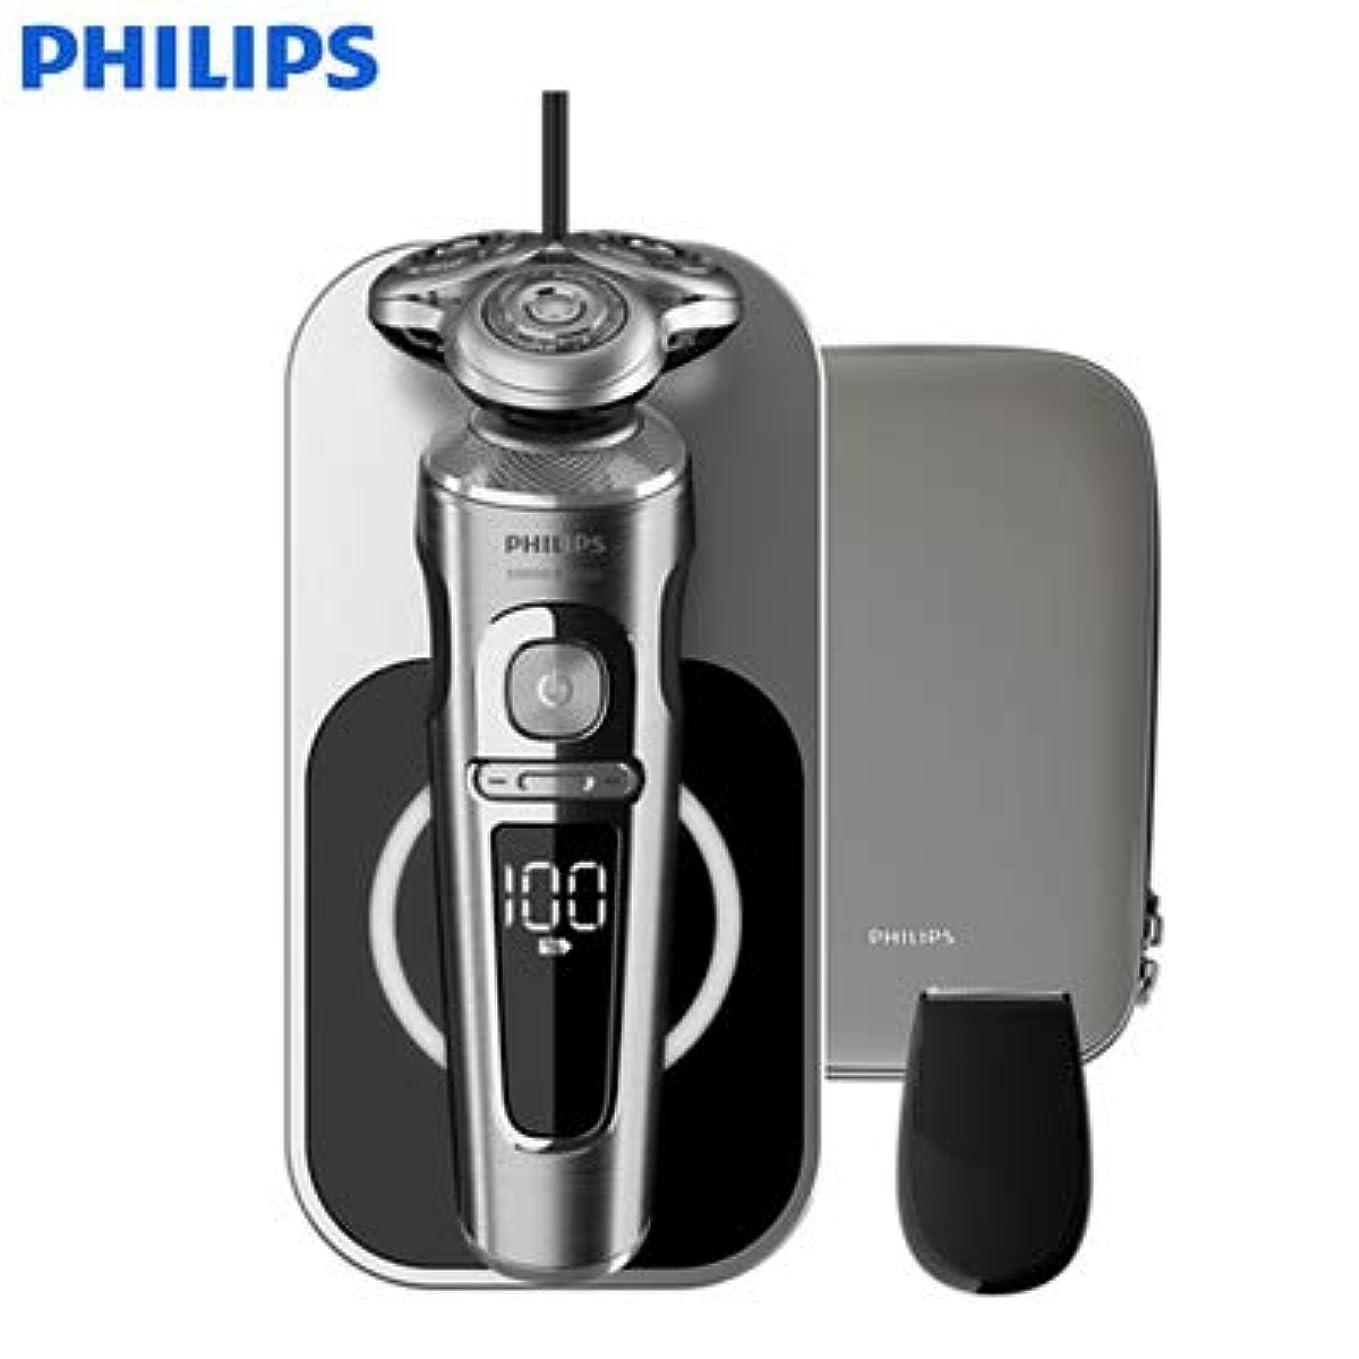 フィリップス ウェット&ドライ電気シェーバー 「S9000プレステージ」 SP9861/13